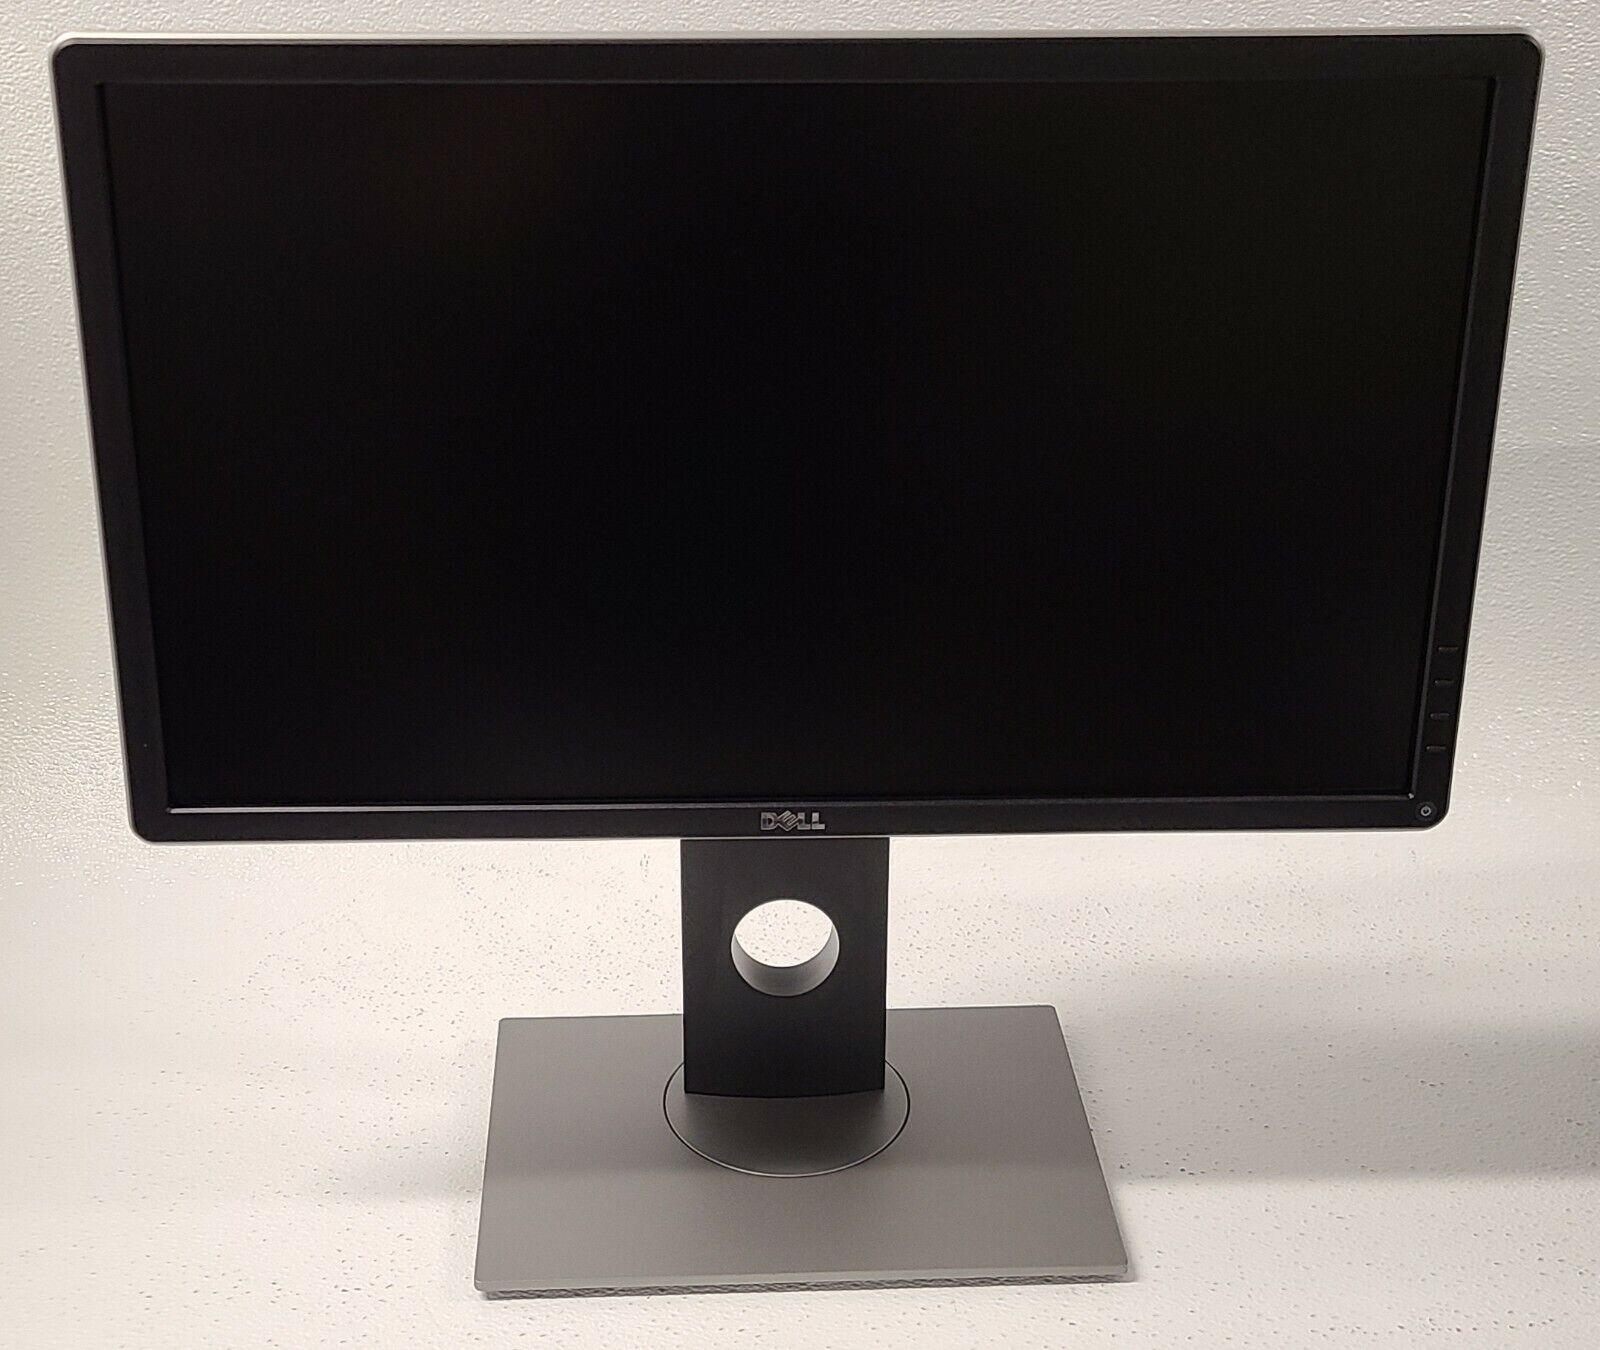 Dell P2414Hb - $110.99